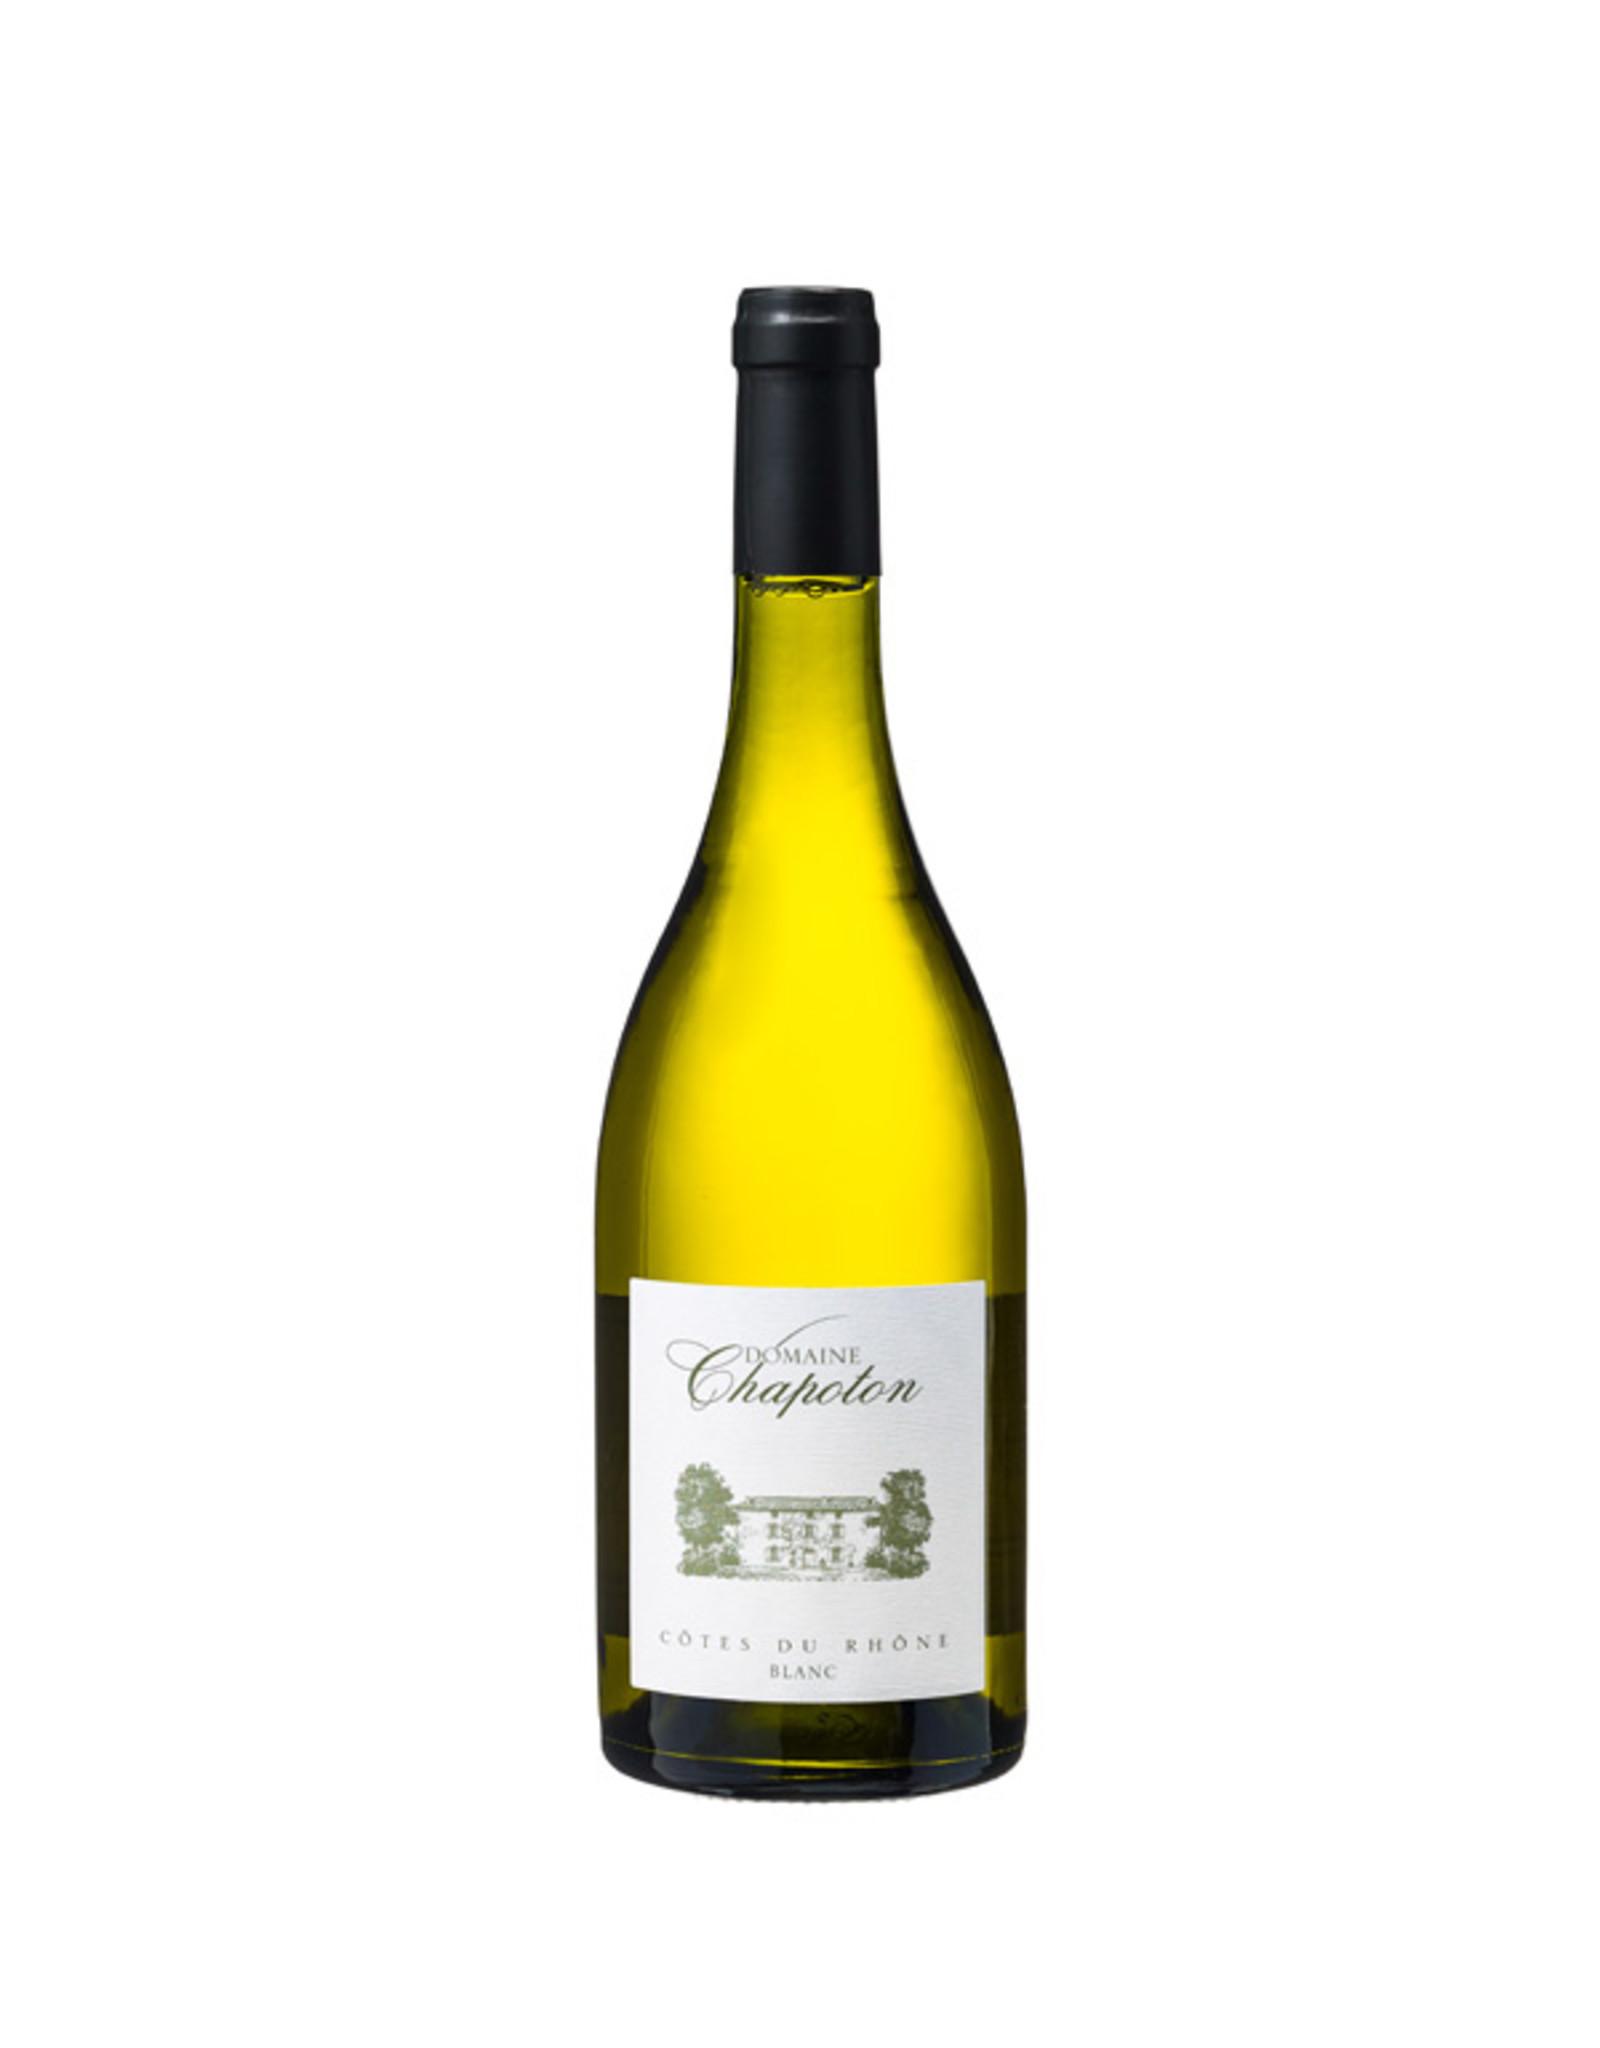 Domaine Chapoton, Saint-Cécile-les-Vignes Chapoton Côtes du Rhône blanc 2019